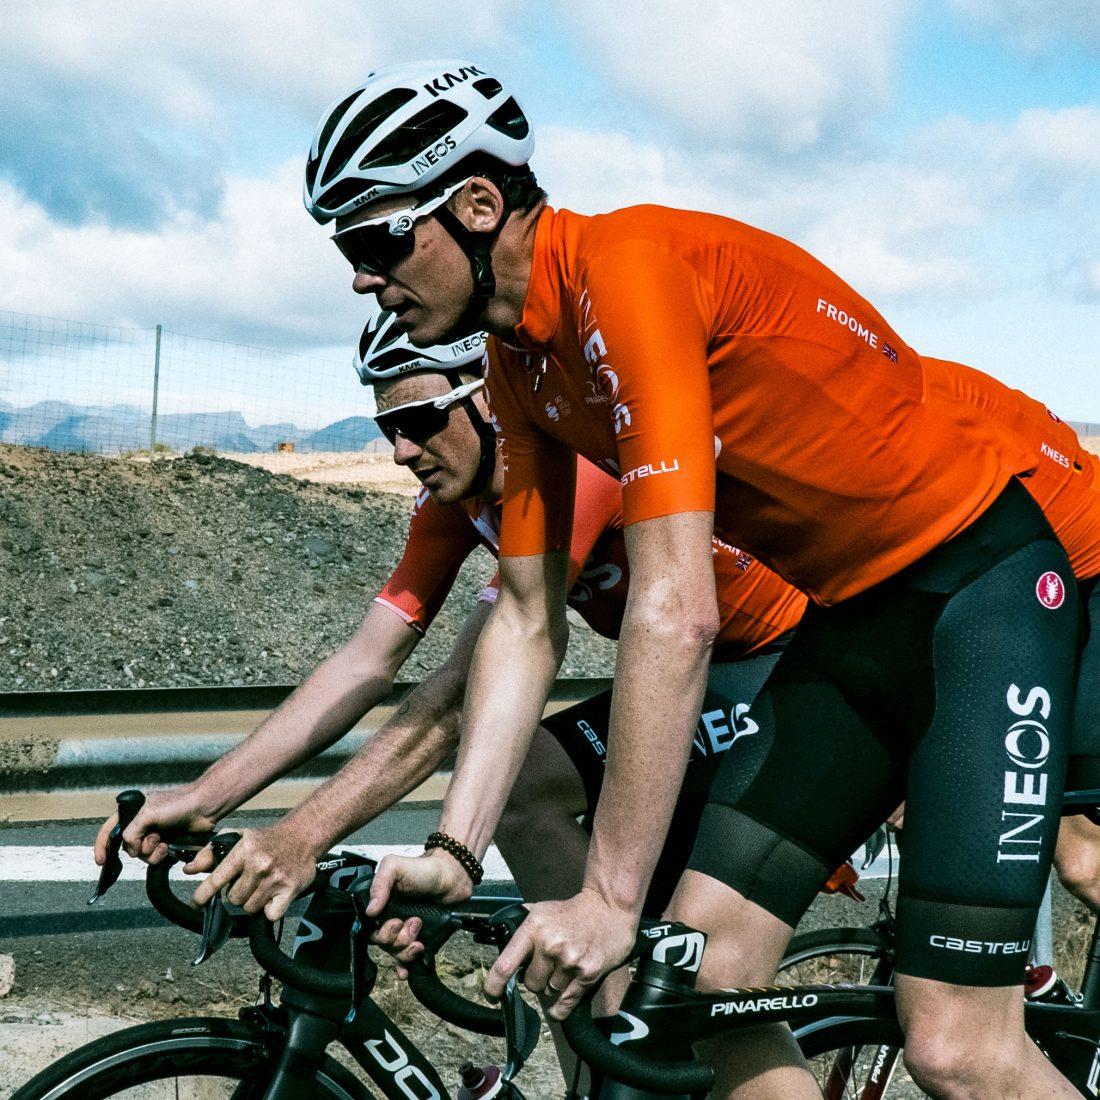 Froome tornerà a correre al UAE Tour